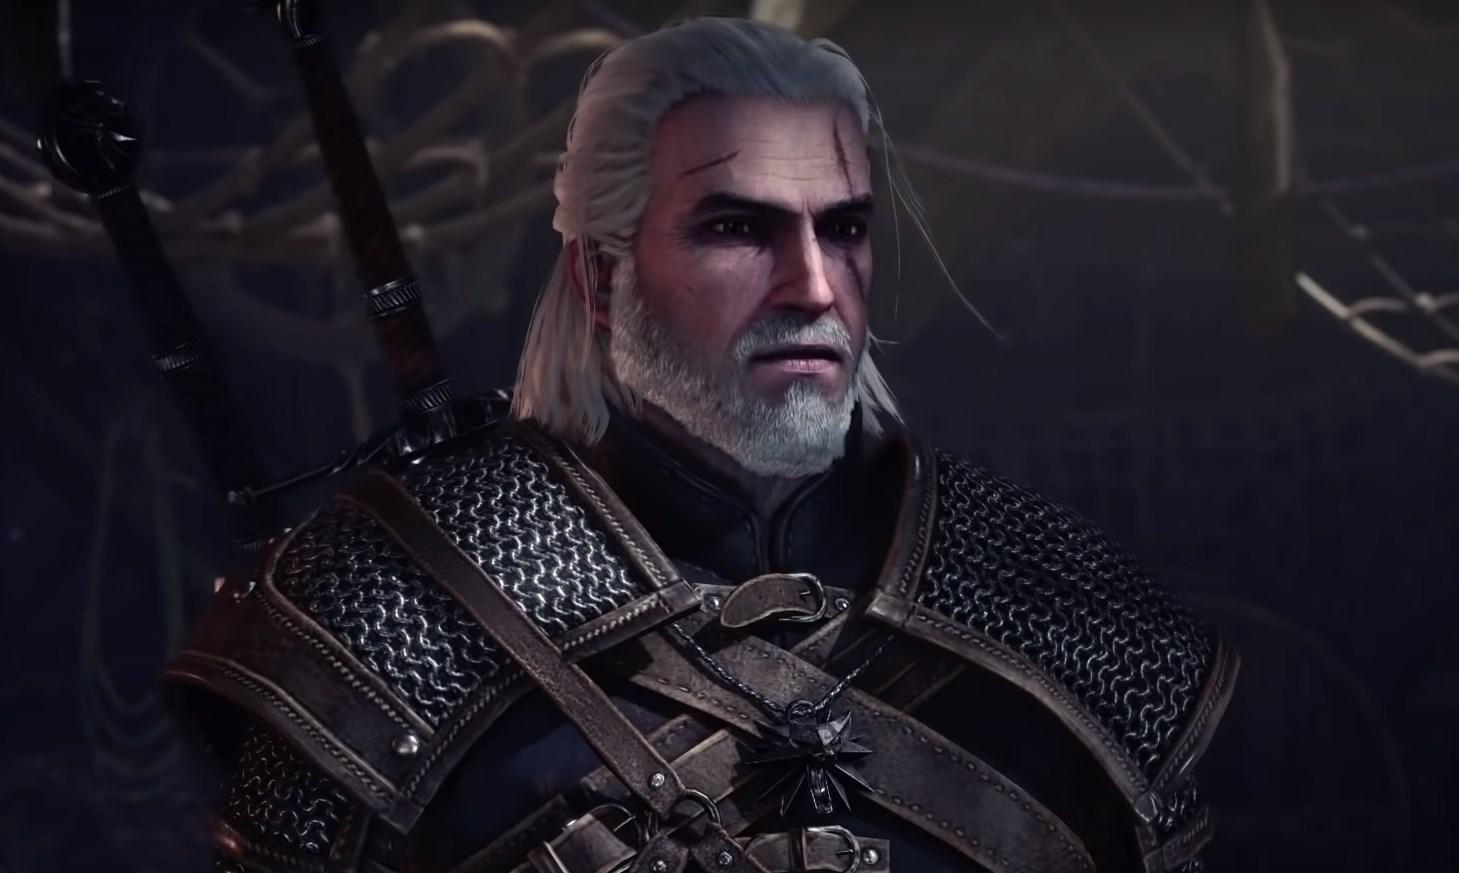 Geralt de Riv entre en scène dans une collaboration entre The Witcher et Monster Hunter : World